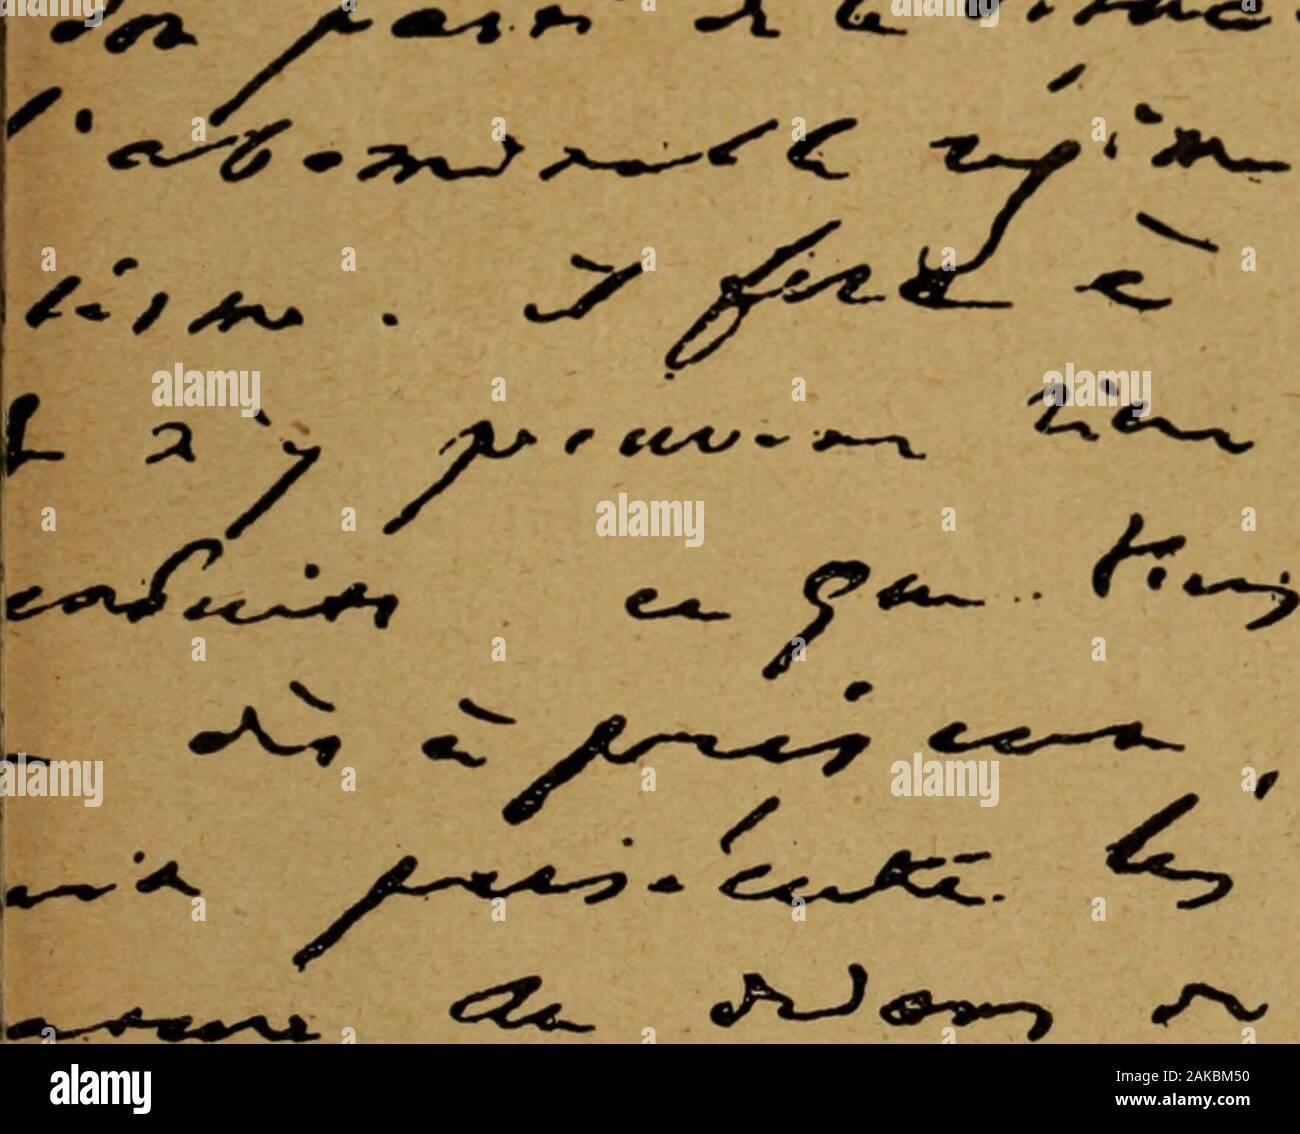 """L'envers de la gloire : enquetes et documents inedits sur Victor Hugo.- ERenan.- Émile Zola.- Edgar Quinet.- Le PDidon.- Ferdinand Fabre.- Rachel.- Le Prince de Monaco.- ChGarnier.- Hervé.- Marie Dorval.- Frédérick Lemaître.- Marie Laurent.- Henri Heine.- Alfred de Musset.- Gavarni, etc, etc . *^>v^g """"^j """" ^ * L.€^^y e*- ^Xj^vr^ ^^/- /^^ ^ ^-ty^/C r^^^^^^^^ ér£^^t< frammento de la Lettre du 8 Mai, ^*r"""" ^^ •A. ≪^ •^%*"""".<s.-. y * y oyée de Guernesey à M. Lacroix. 26 lenvers de la gloire figlio auteur, autant que ses mérites propres, recom-mandait à Tadmiration publique. Les Éditions pieu Foto Stock"""